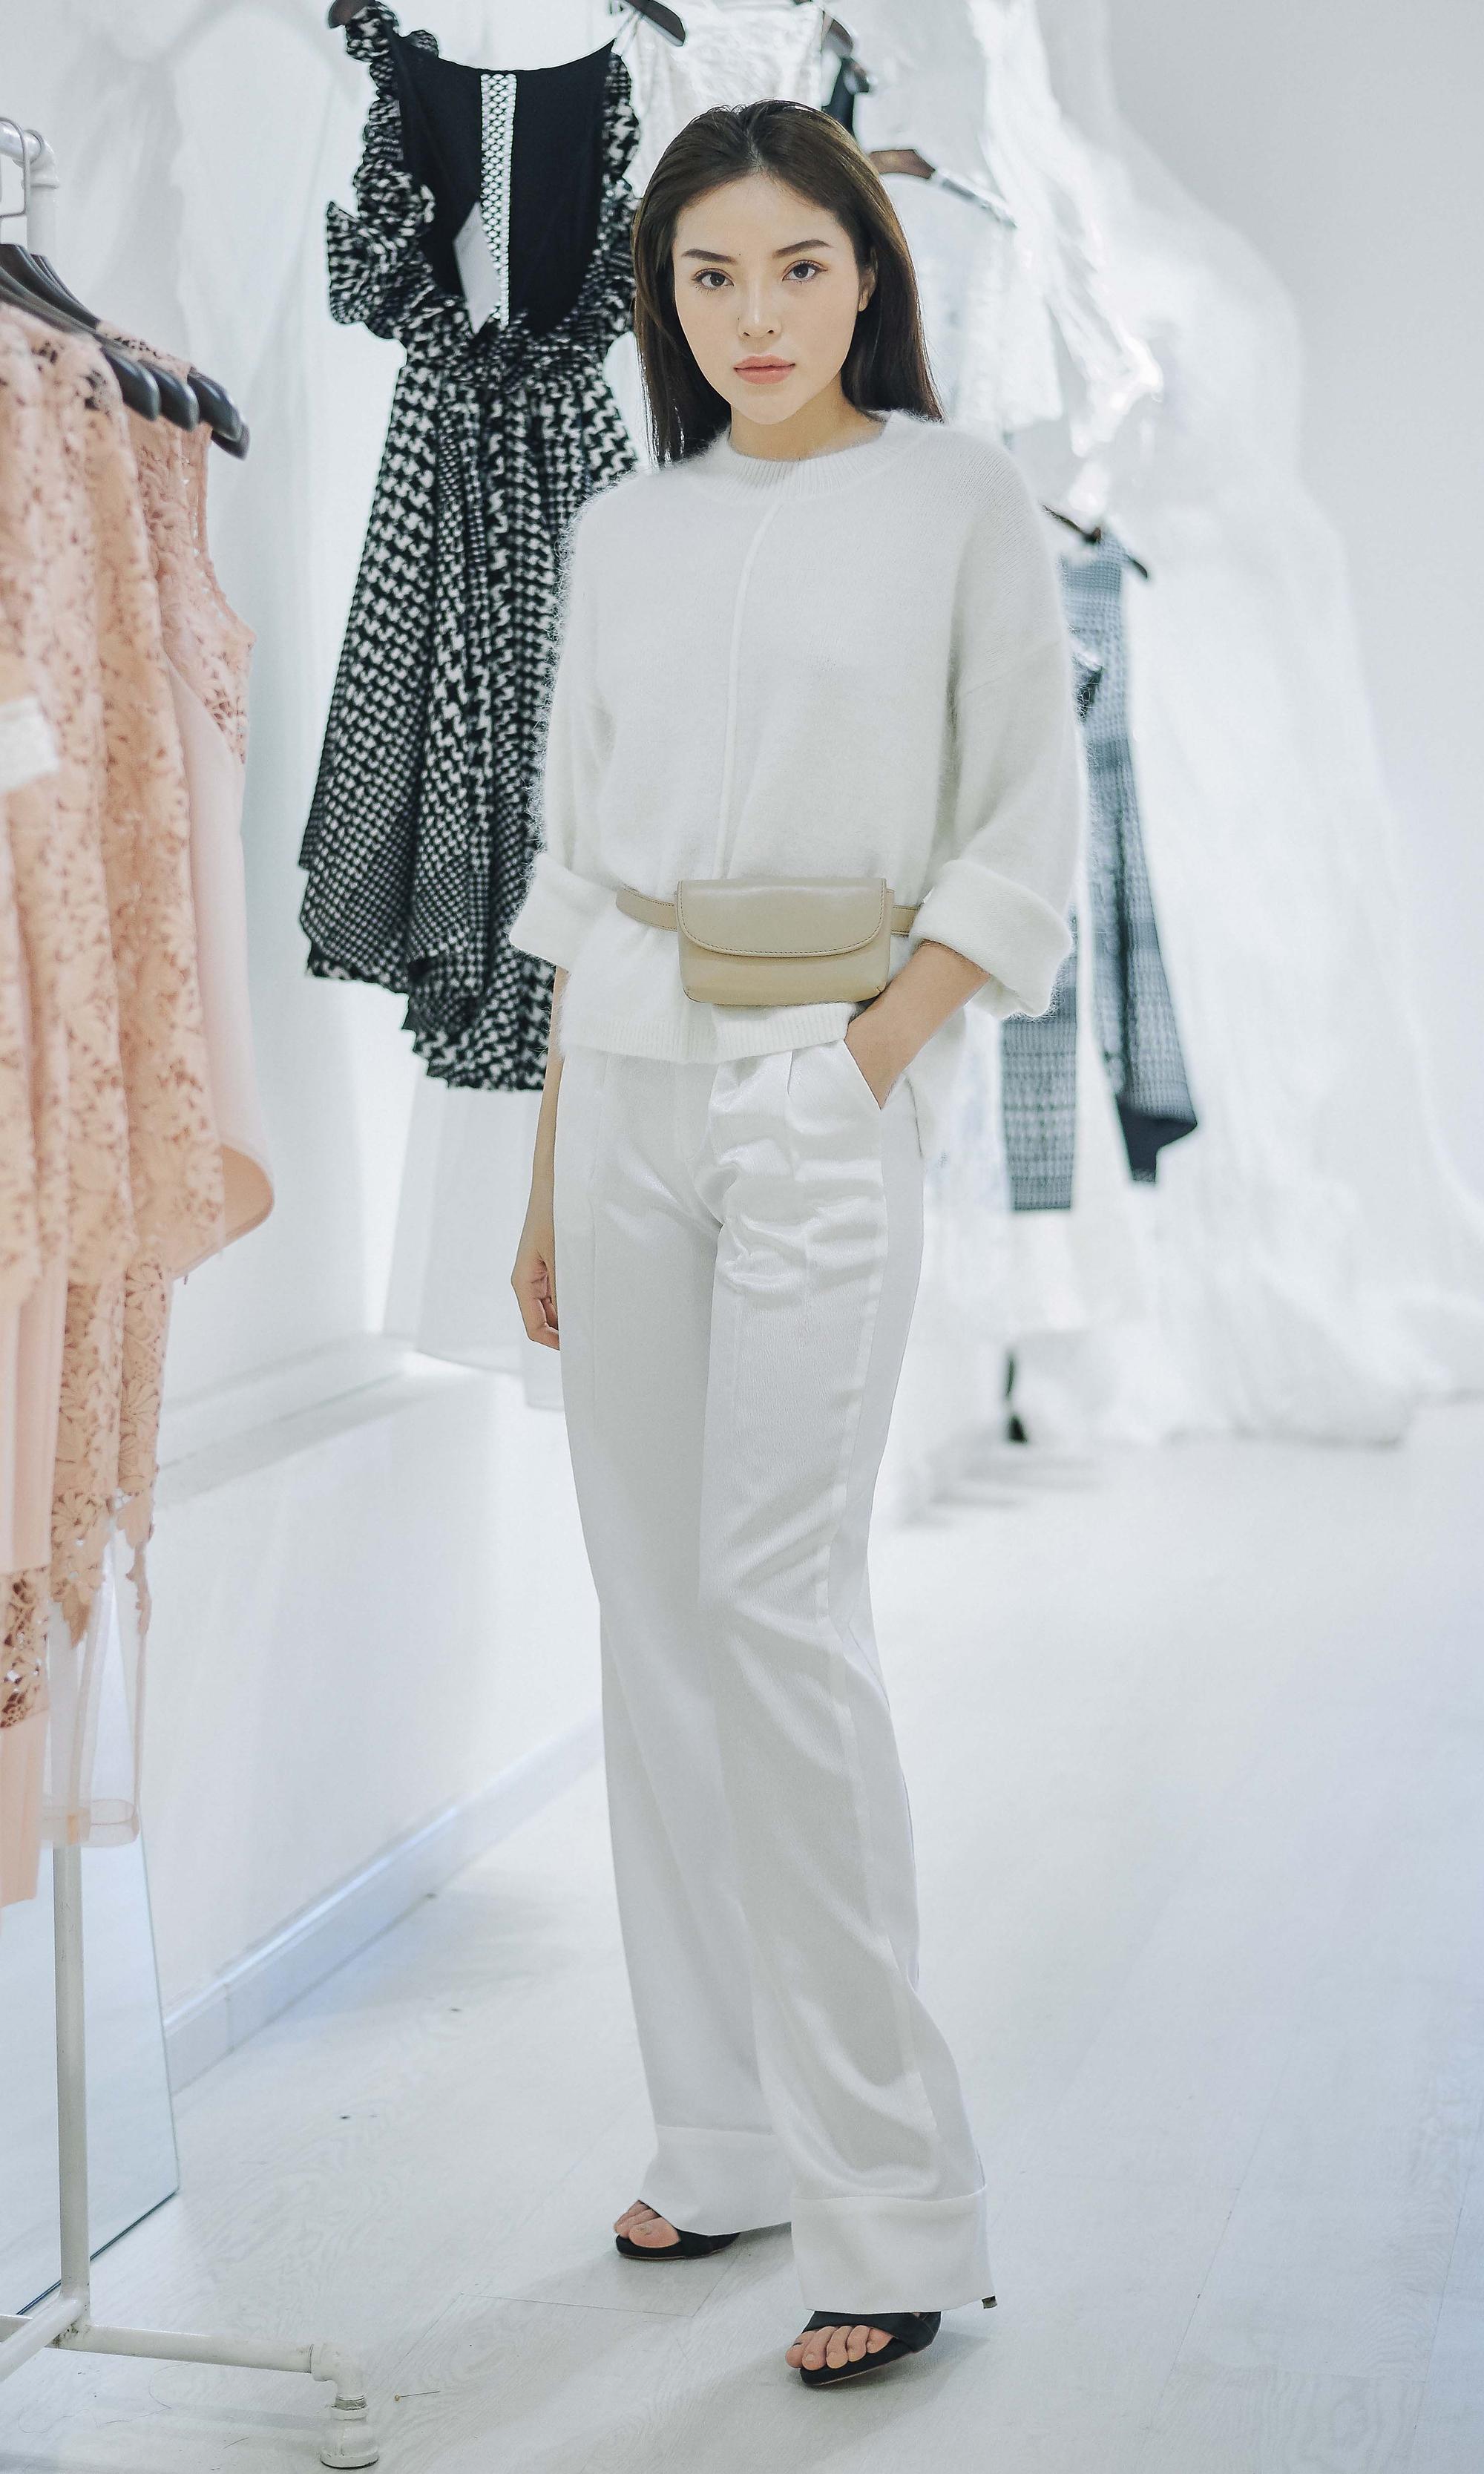 Kỳ Duyên ngày một ra dáng fashion icon, đọ sắc với Phạm Hương trong buổi thử đồ của NTK Adrian Anh Tuấn - Ảnh 8.